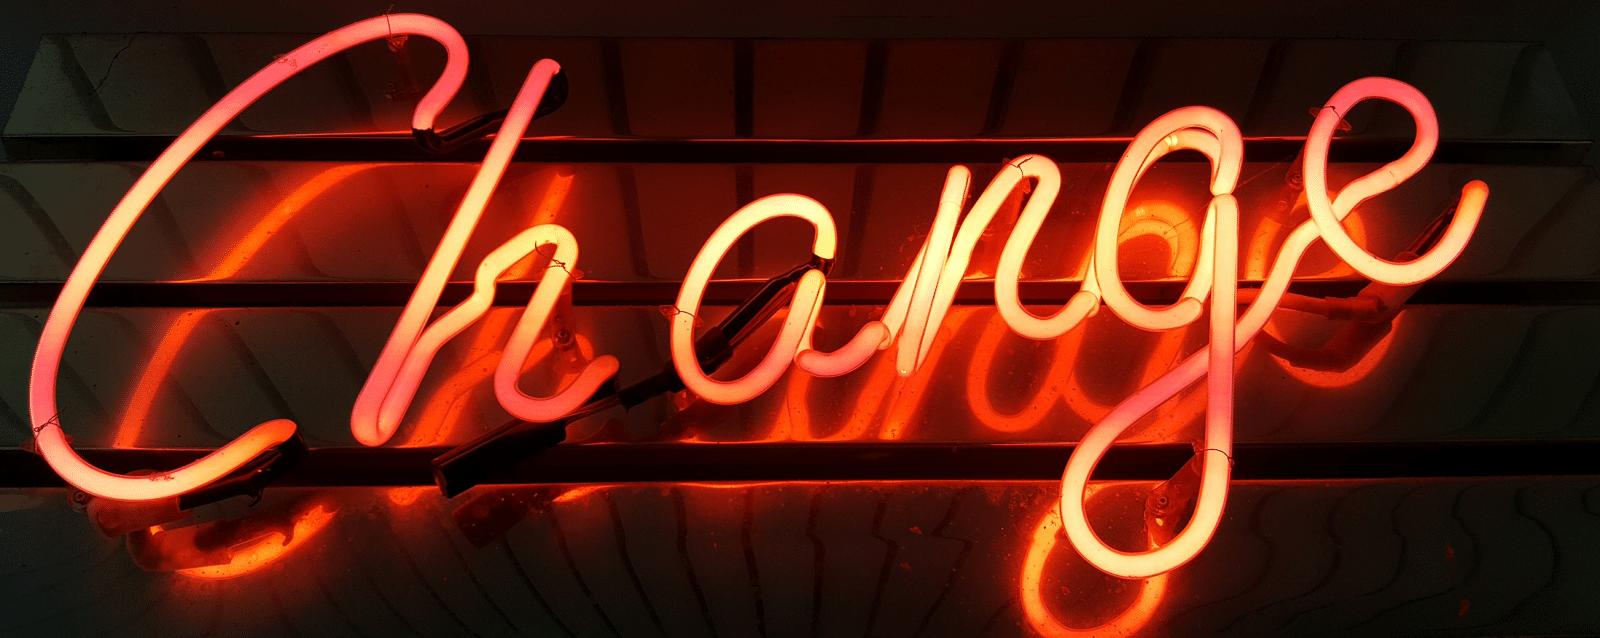 restructuration d'entreprise néon rouge